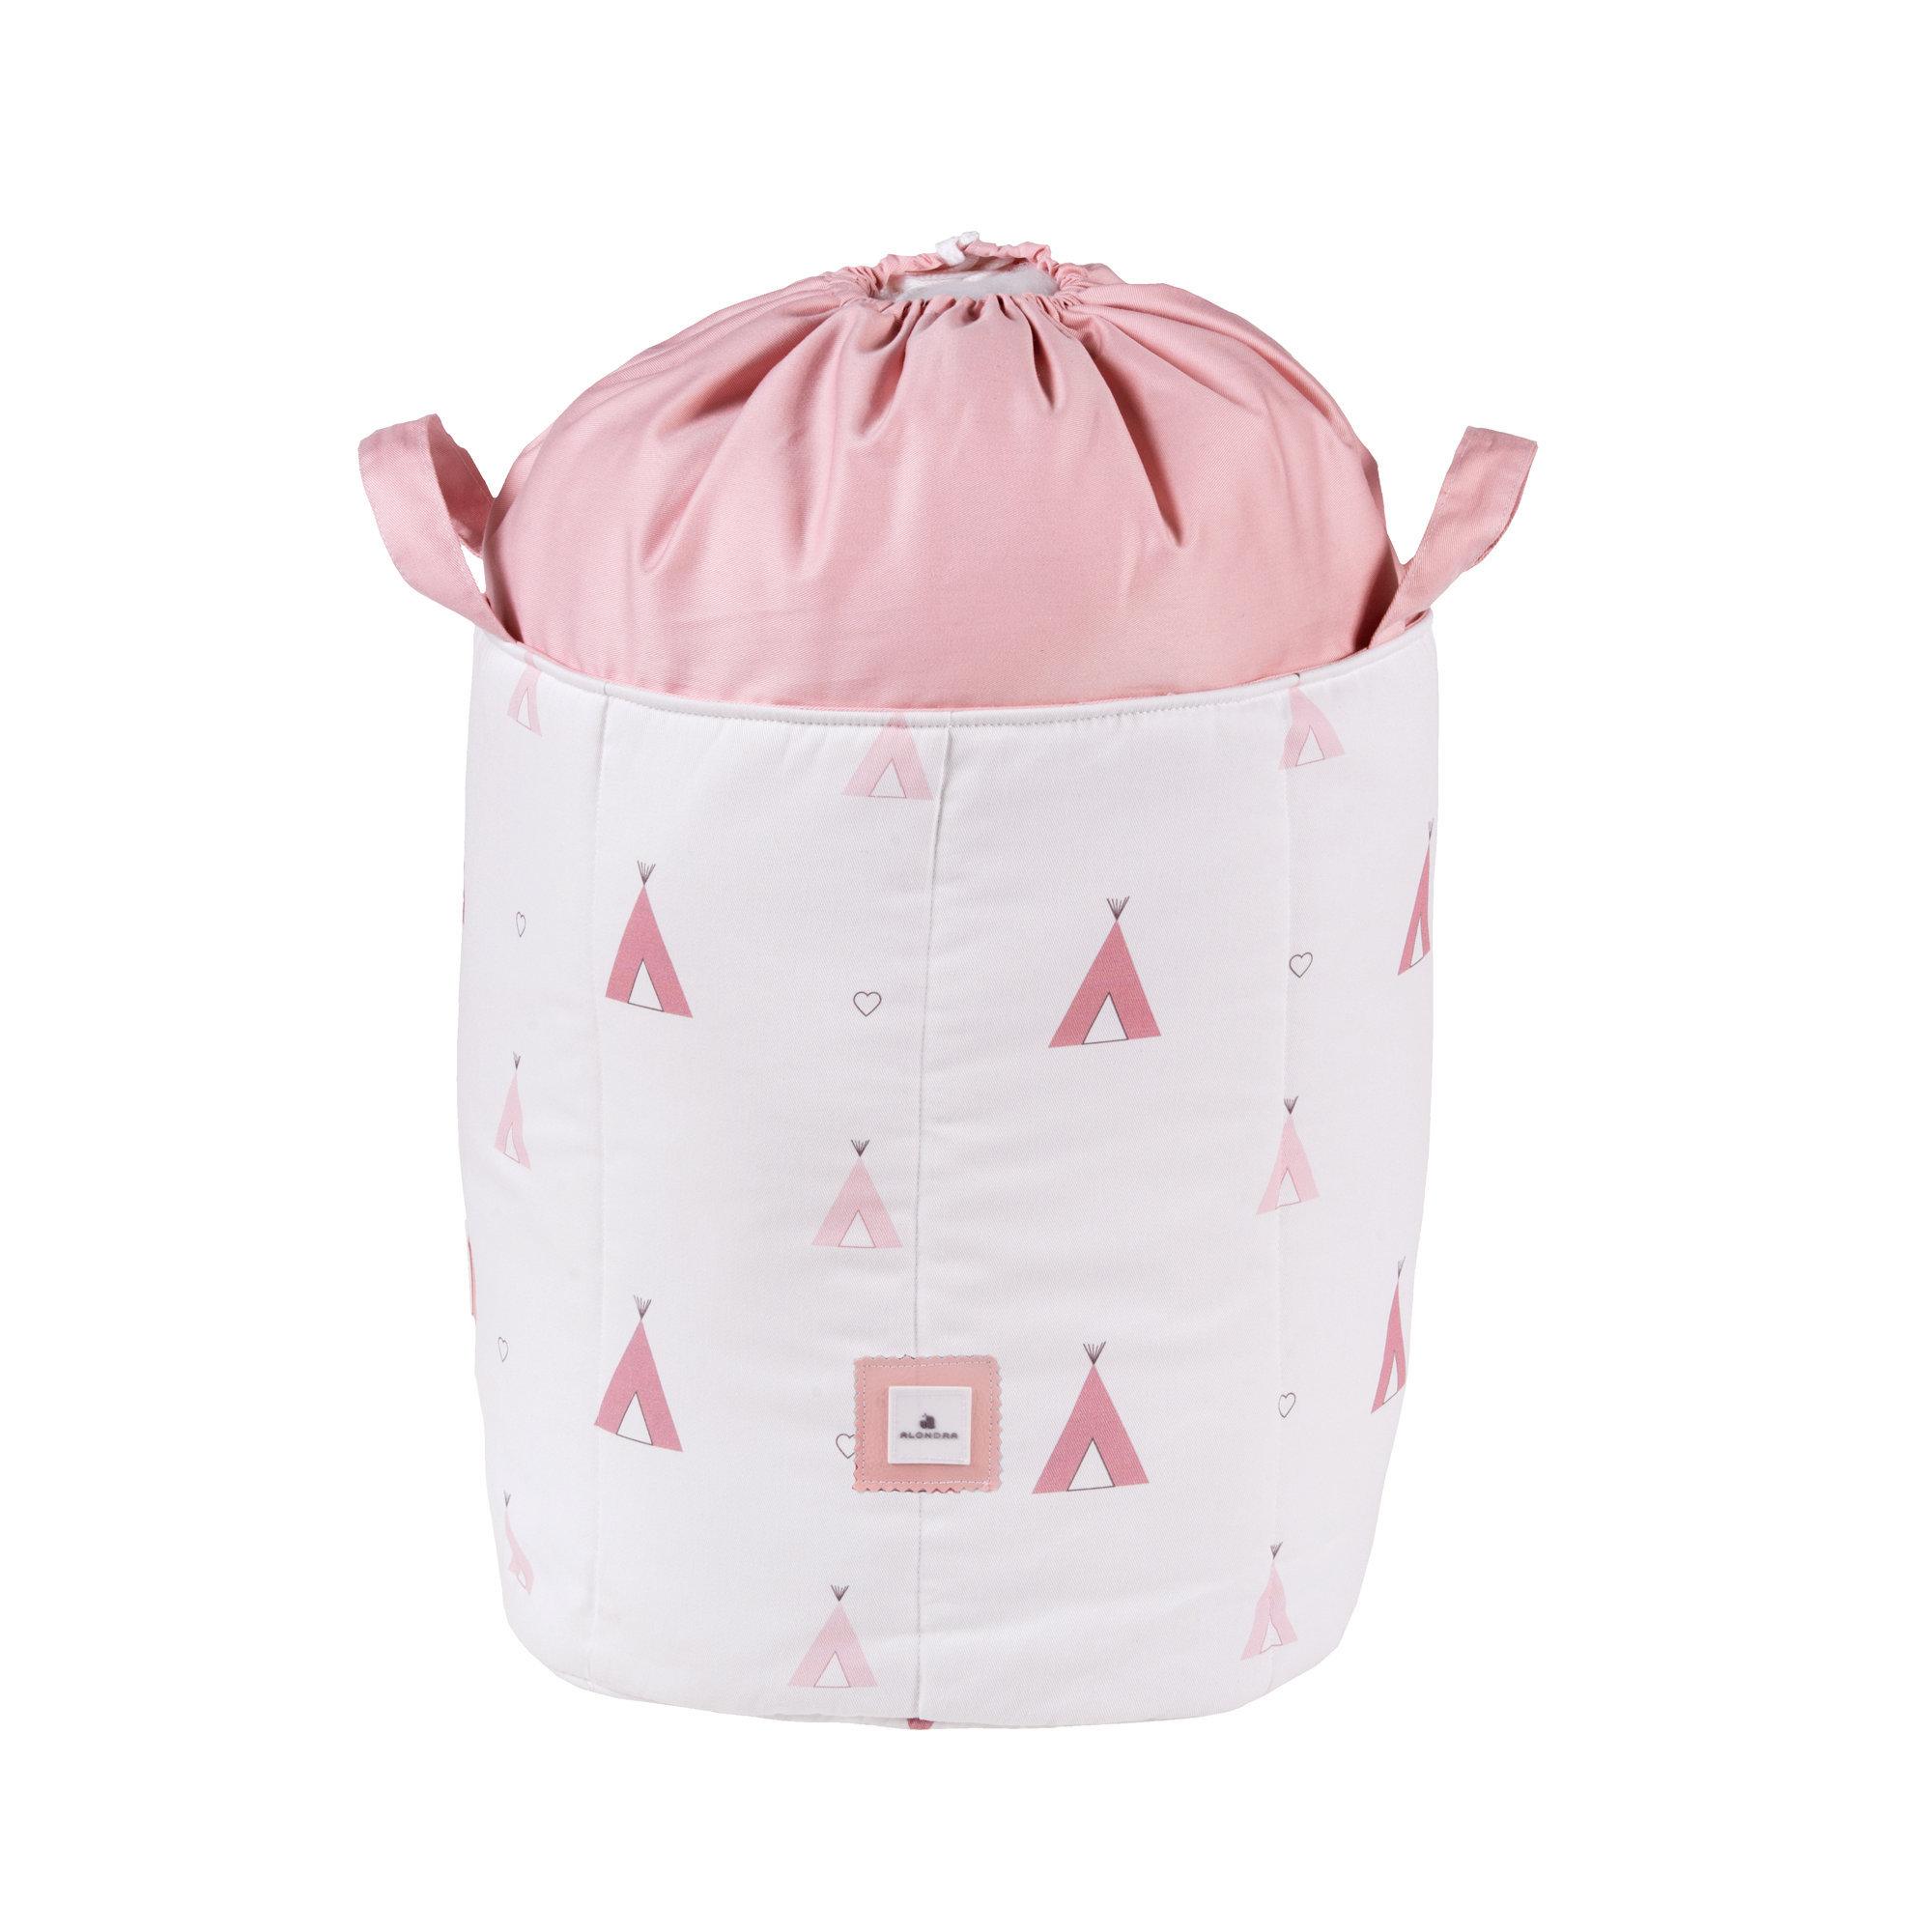 Saco infantil para guardar juguetes color rosa y estampado